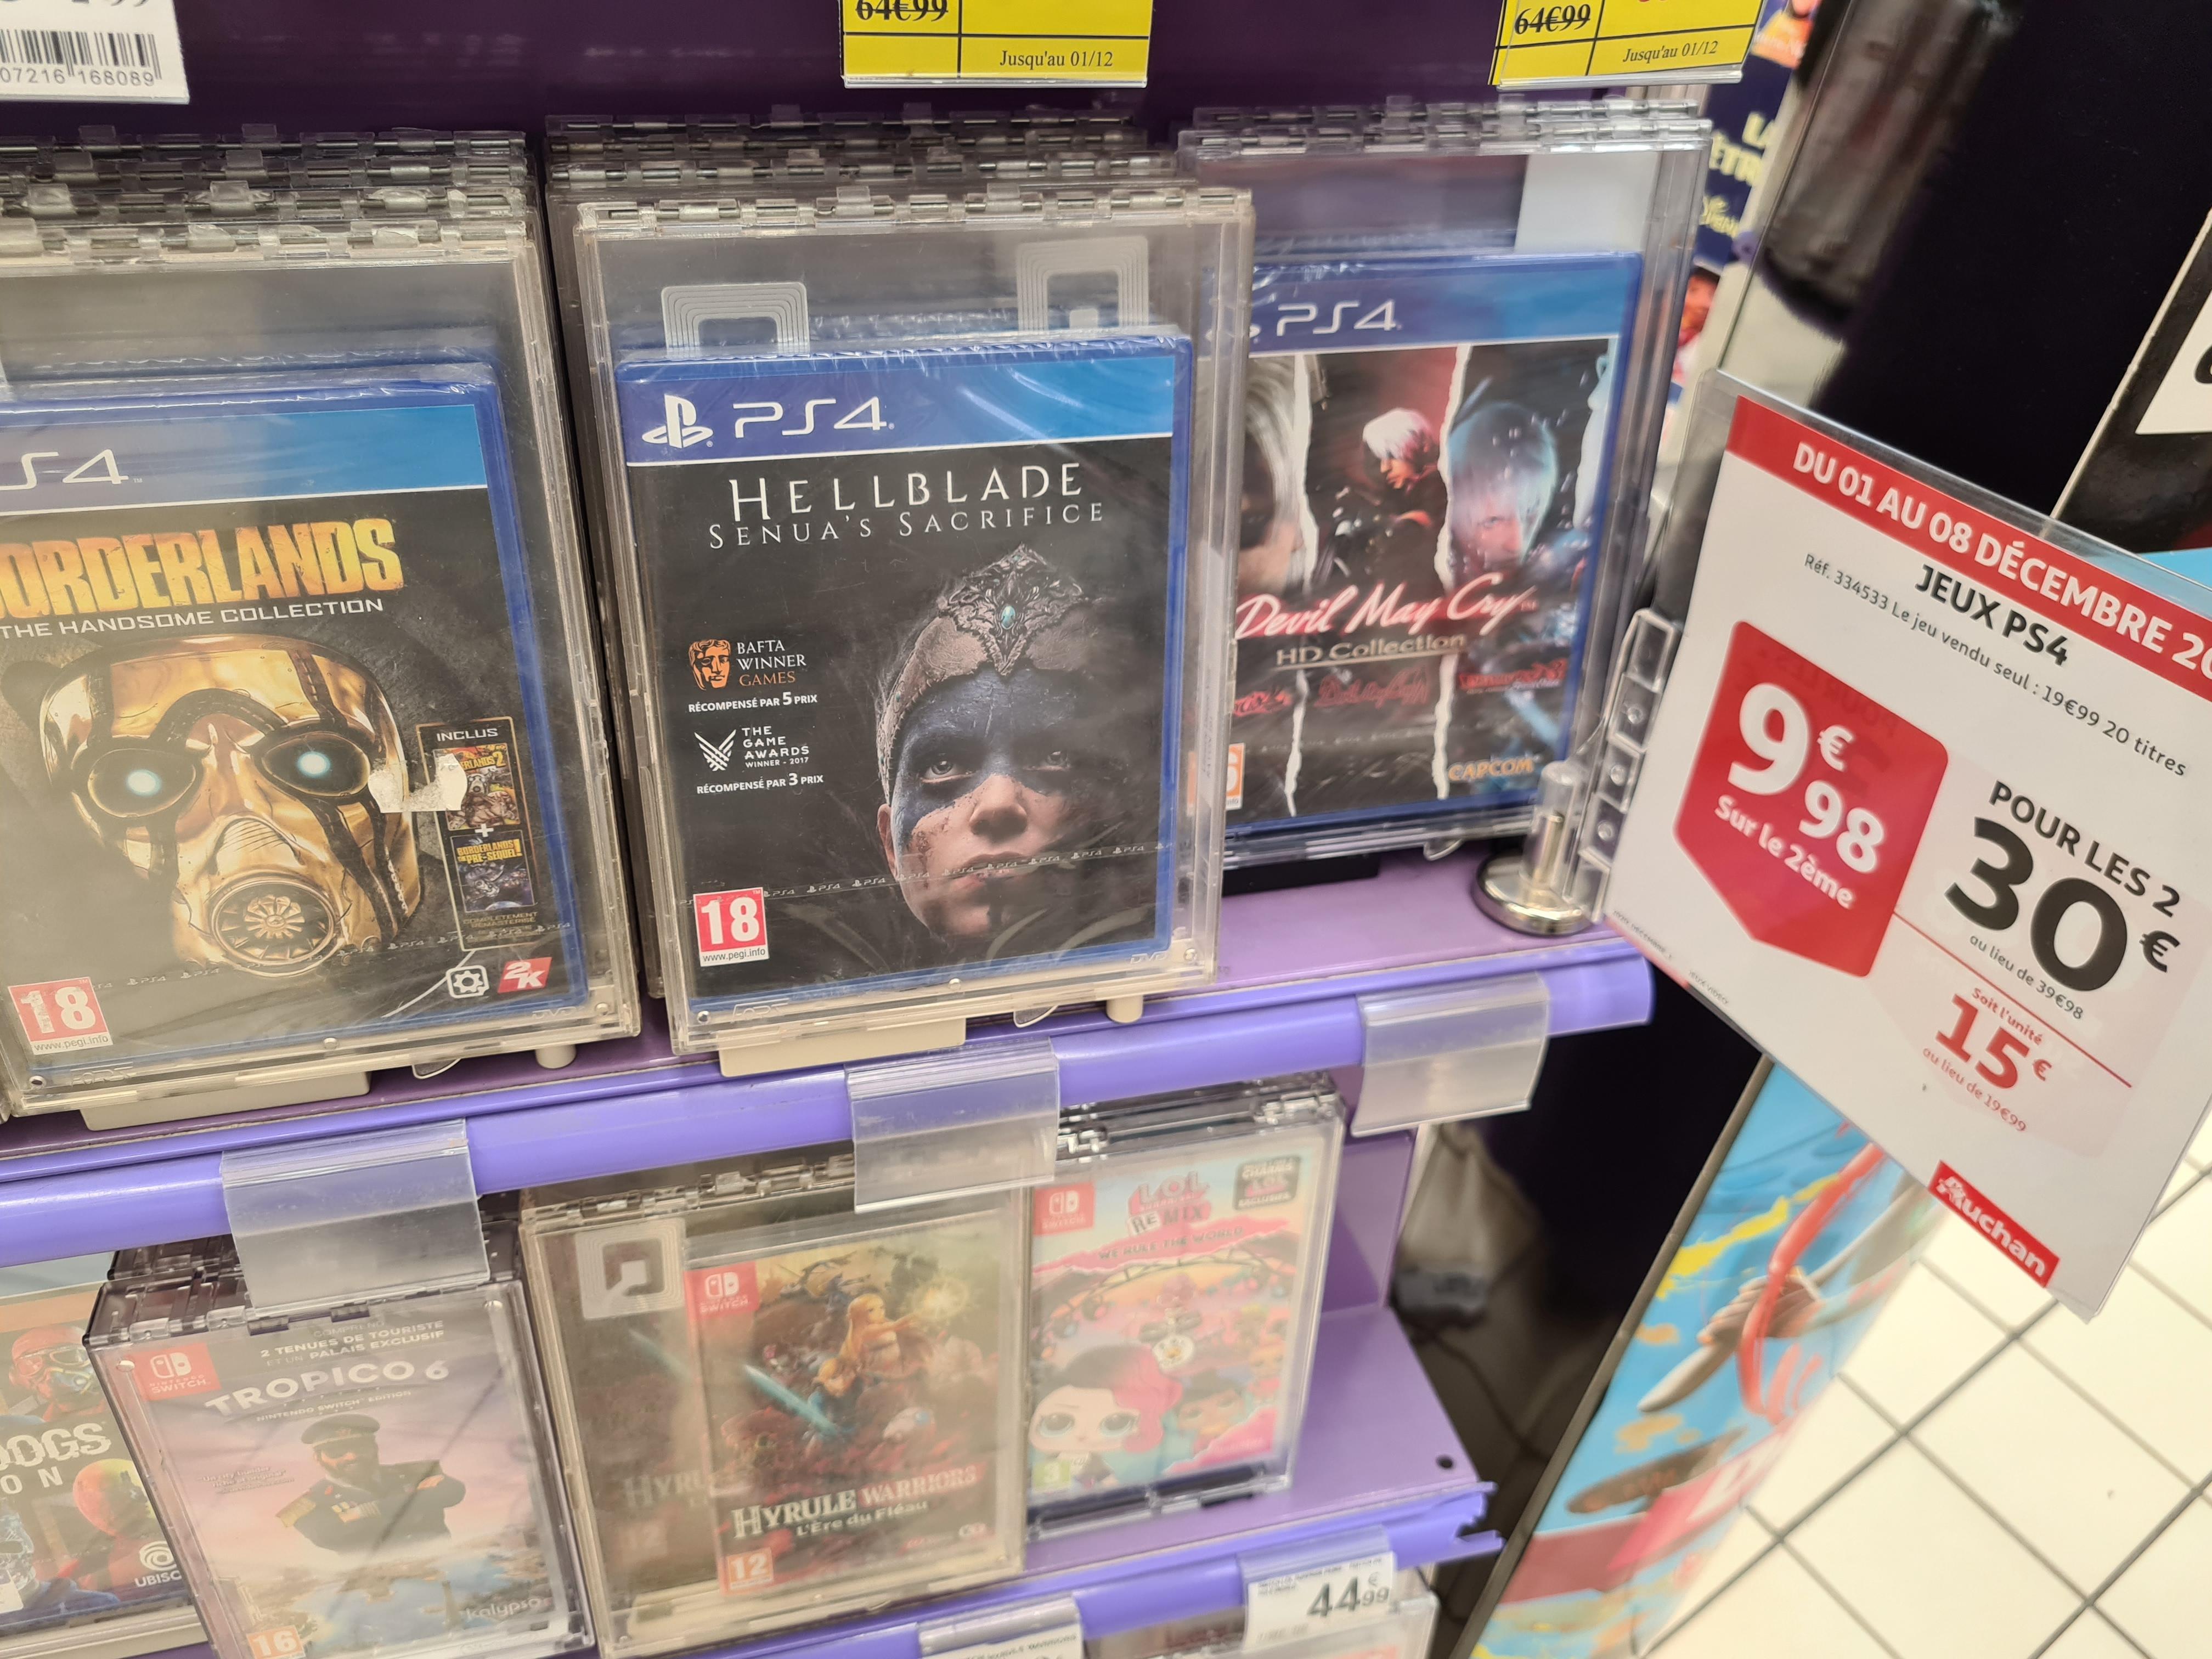 Lot de 2 jeux vidéo sur PS4 parmi une sélection pour 30€ - Saint-Sébastien-sur-Loire (44)